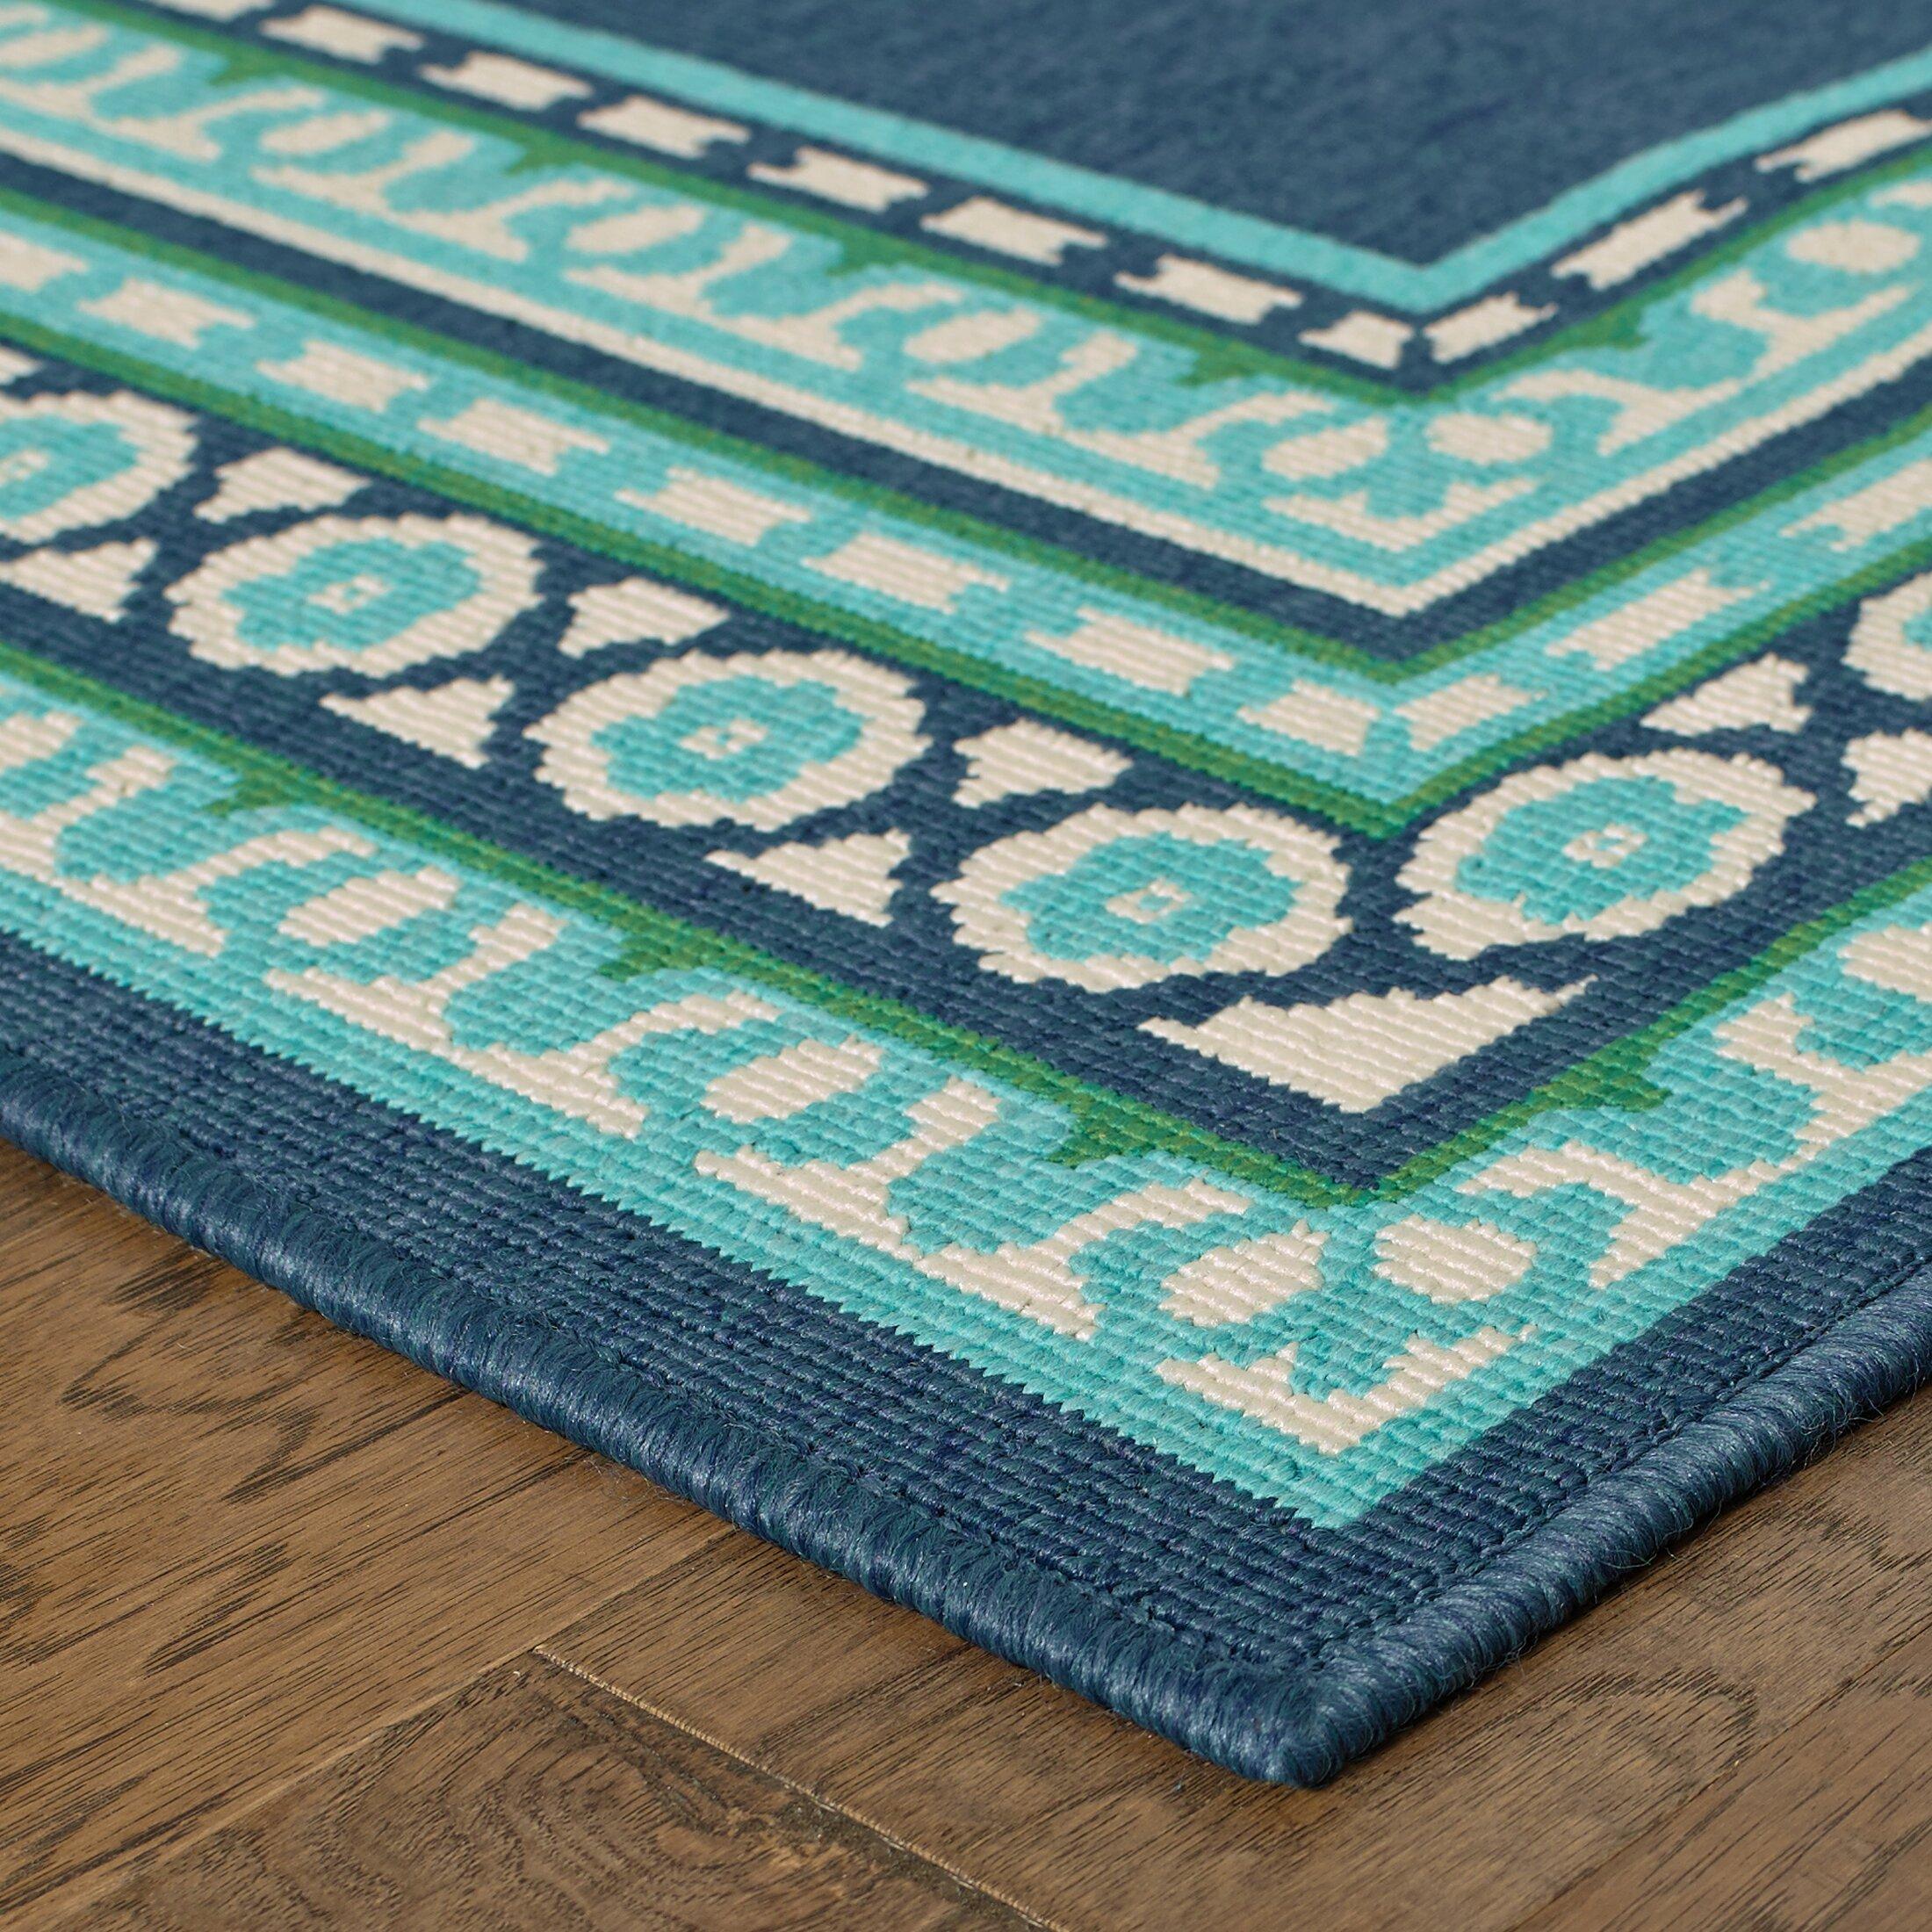 green indoor outdoor rug | Roselawnlutheran